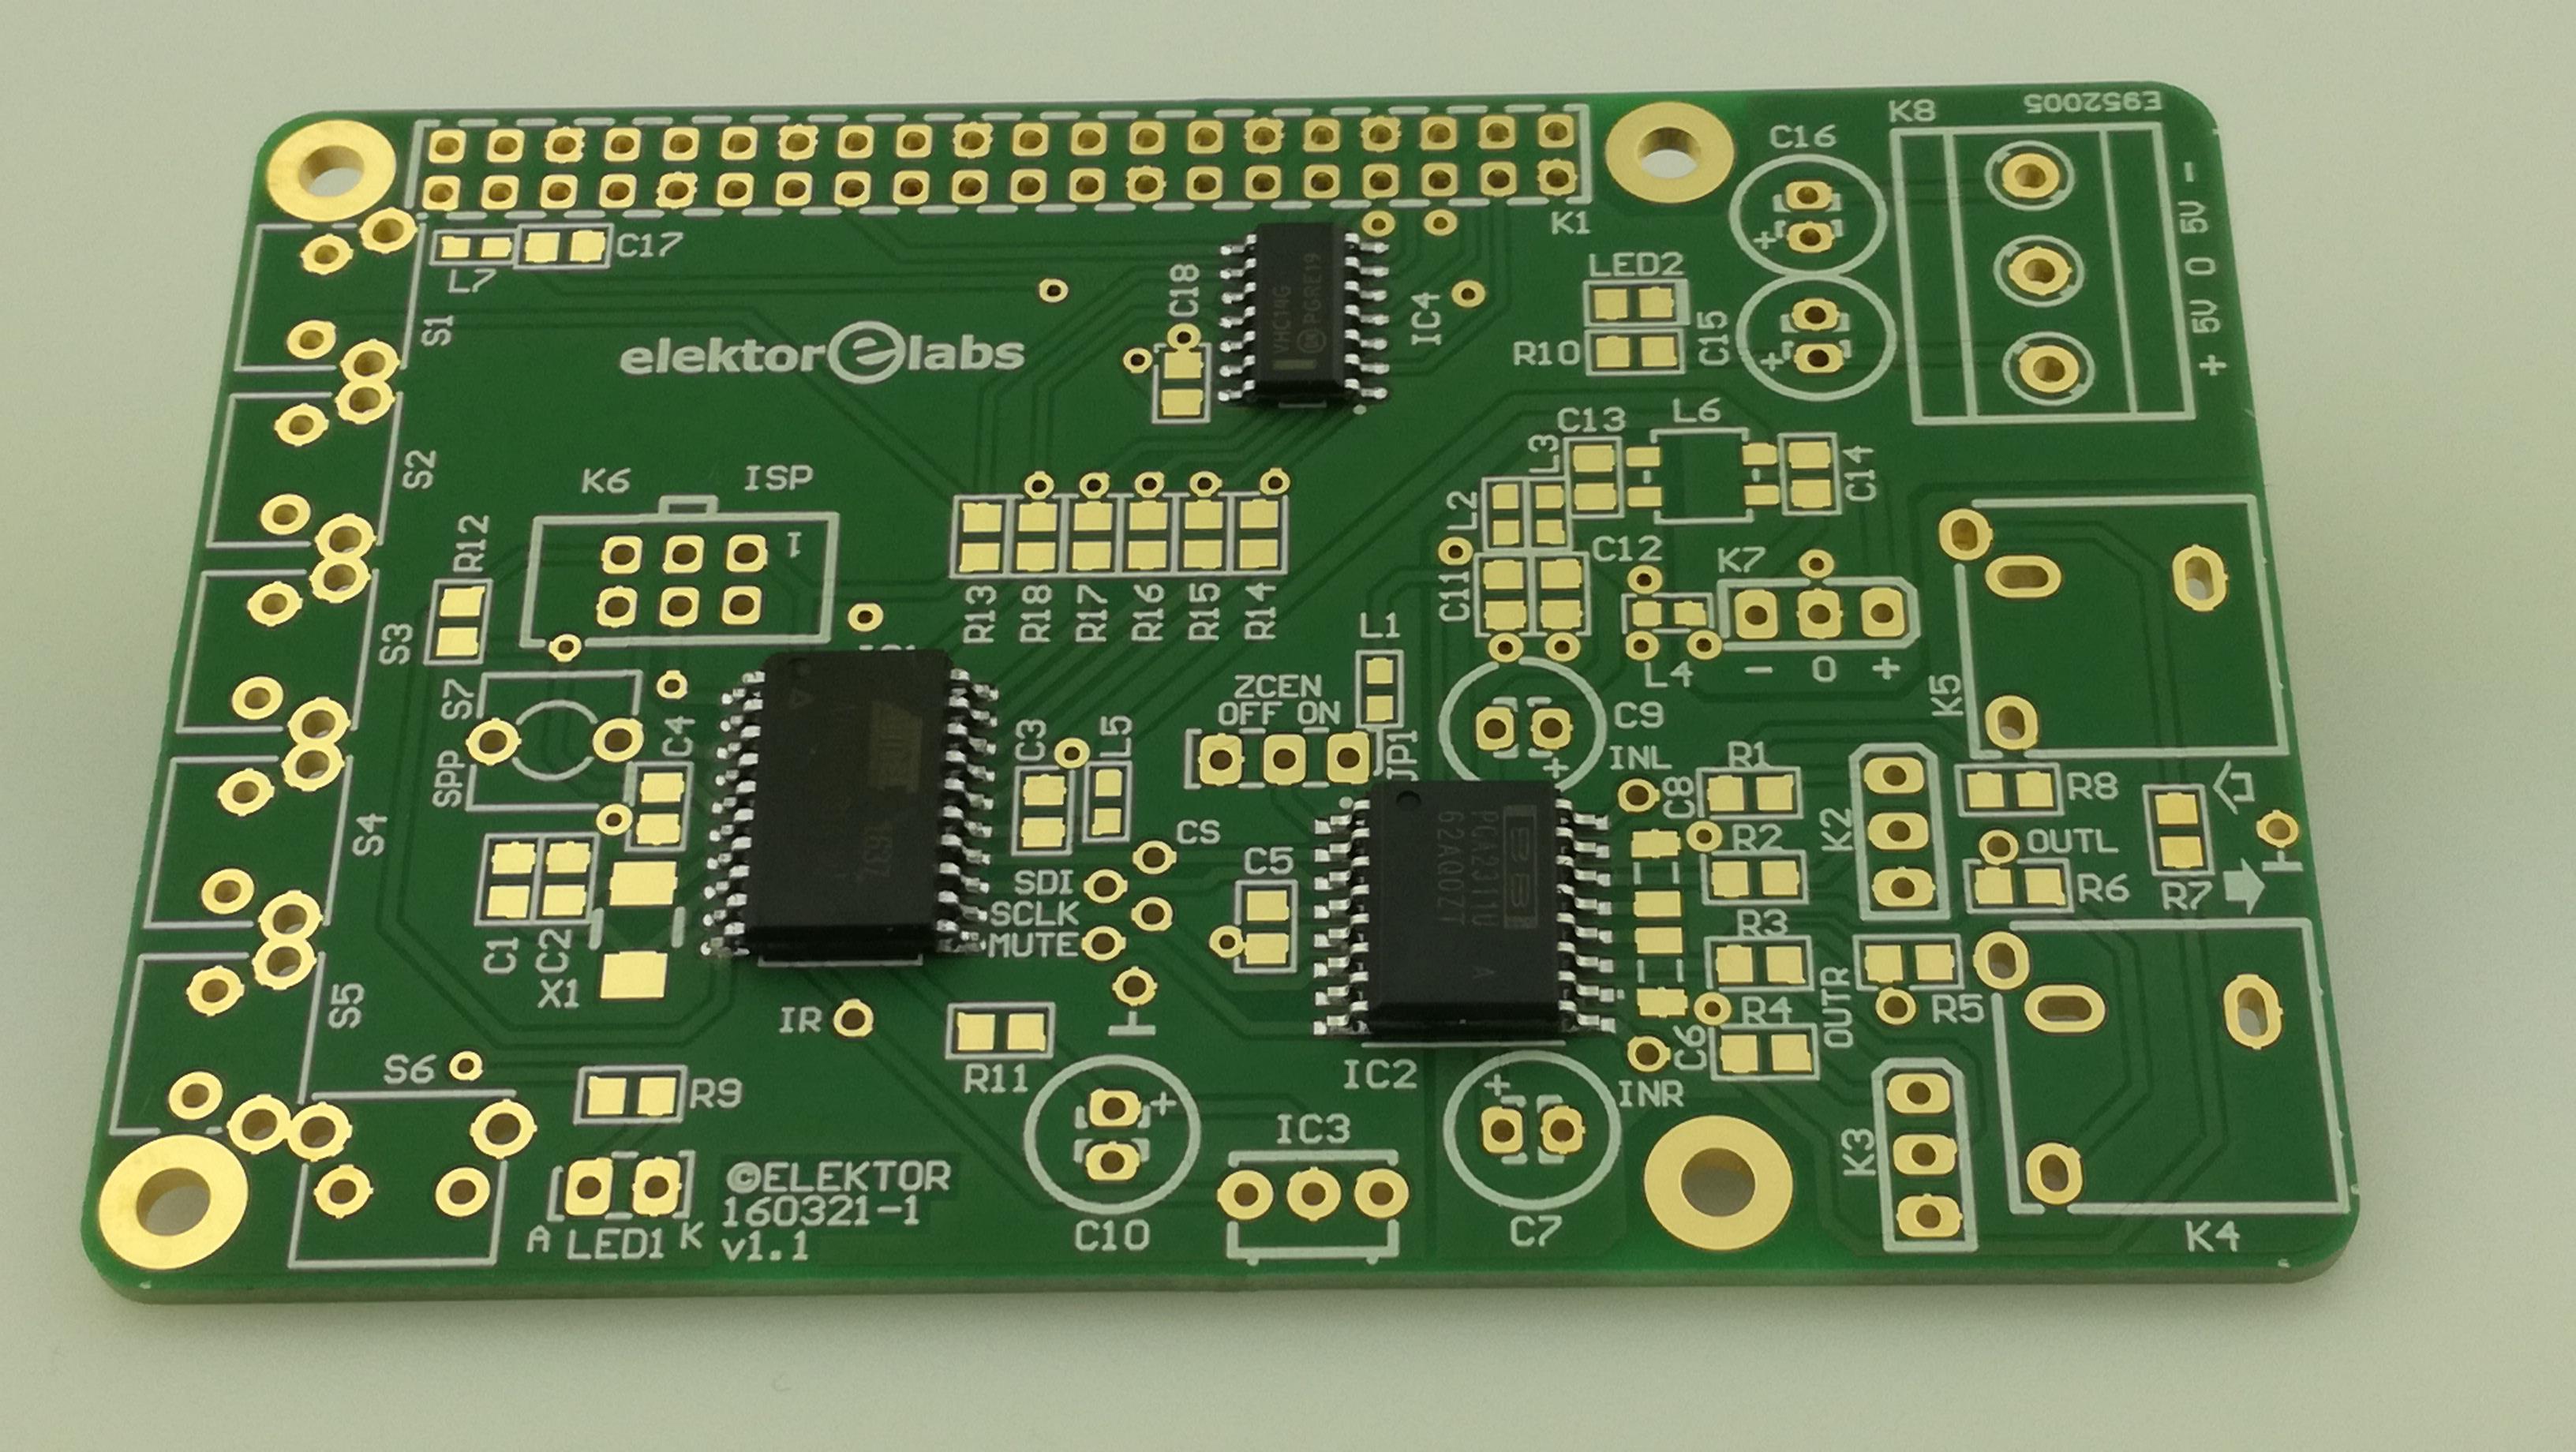 Volumeregeling voor RPI audio-DAC - PCB met IC1,2,4 gemonteerd (160321-1)